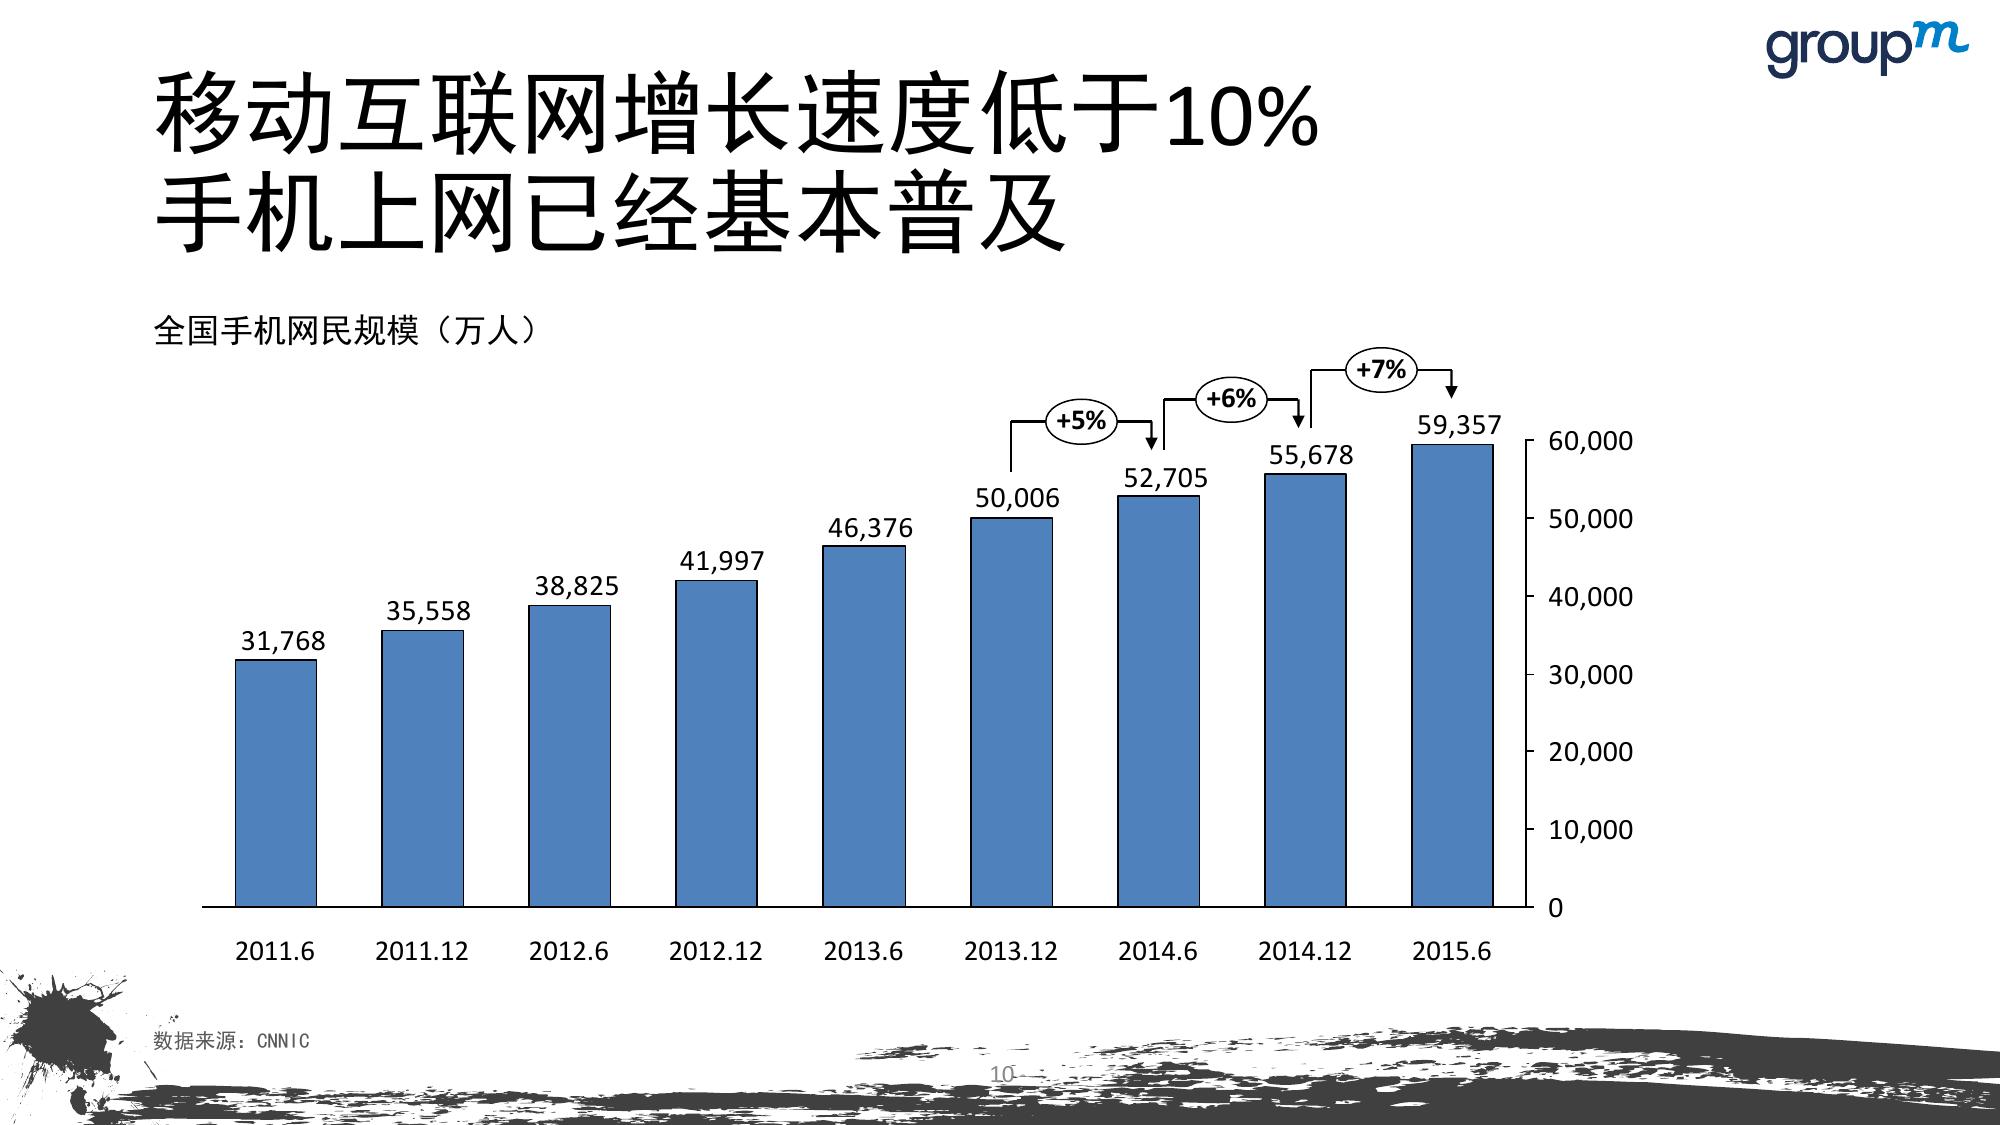 山海今2015中国媒介趋势报告_000010